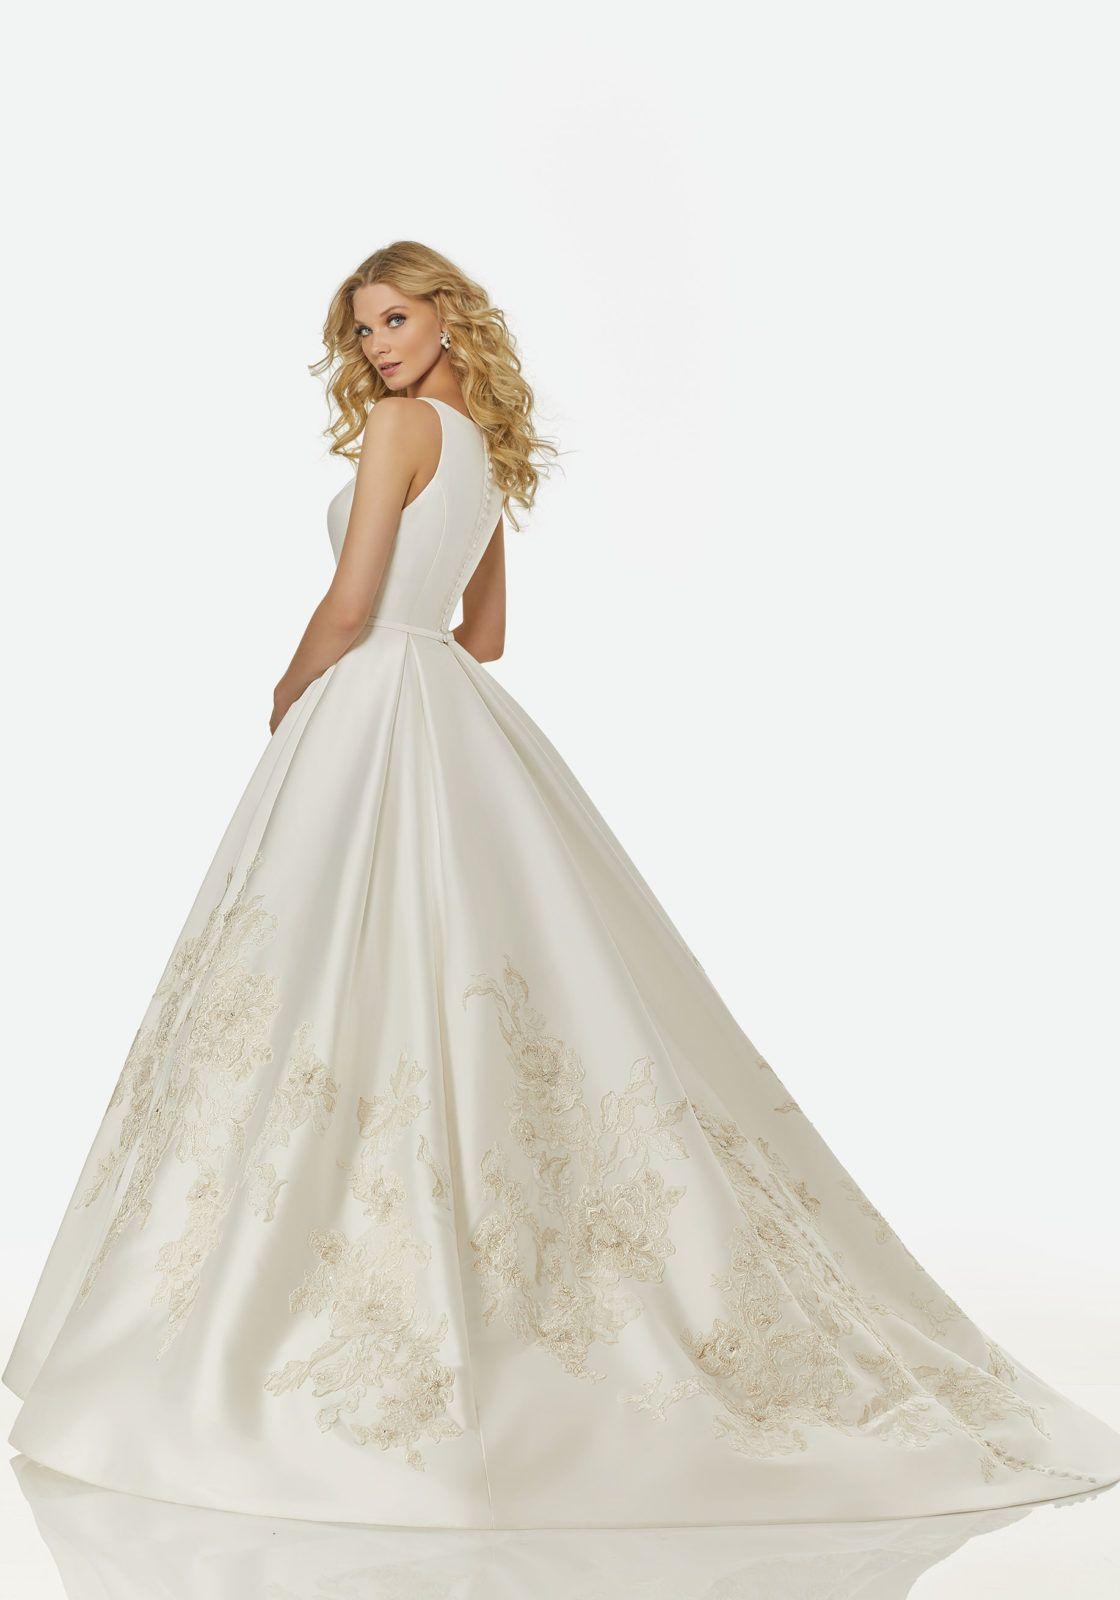 Grace wedding dress randy fenoli bridal wedding tips pinterest